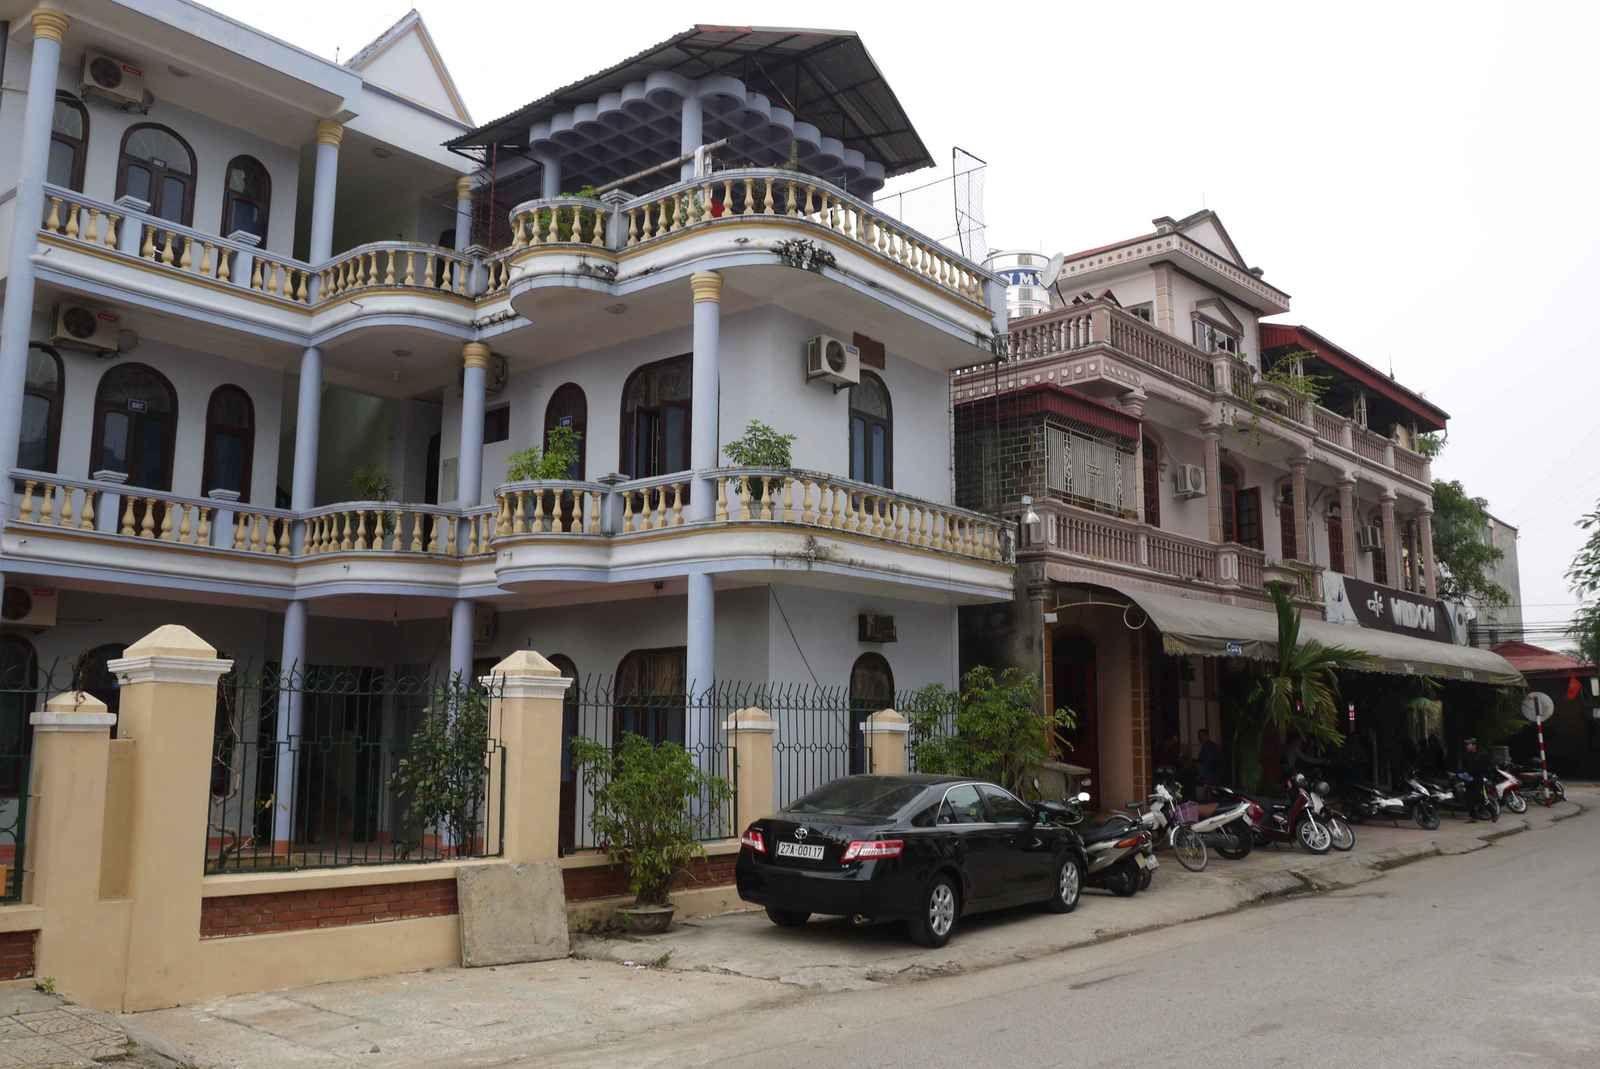 L'habitat témoigne d'une « richesse » supérieure celle du Laos